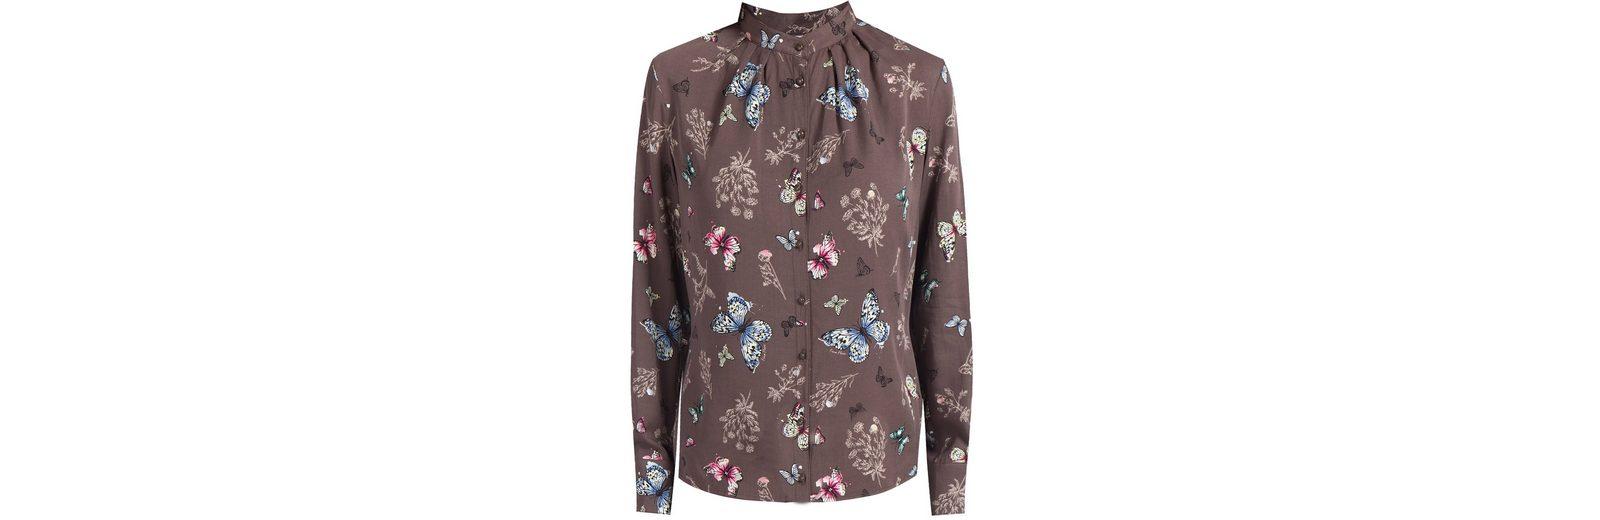 Finn Flare Bluse mit niedlichem Schmetterlingsdruck Gut Verkaufen Die Billigsten m4SrUHsW